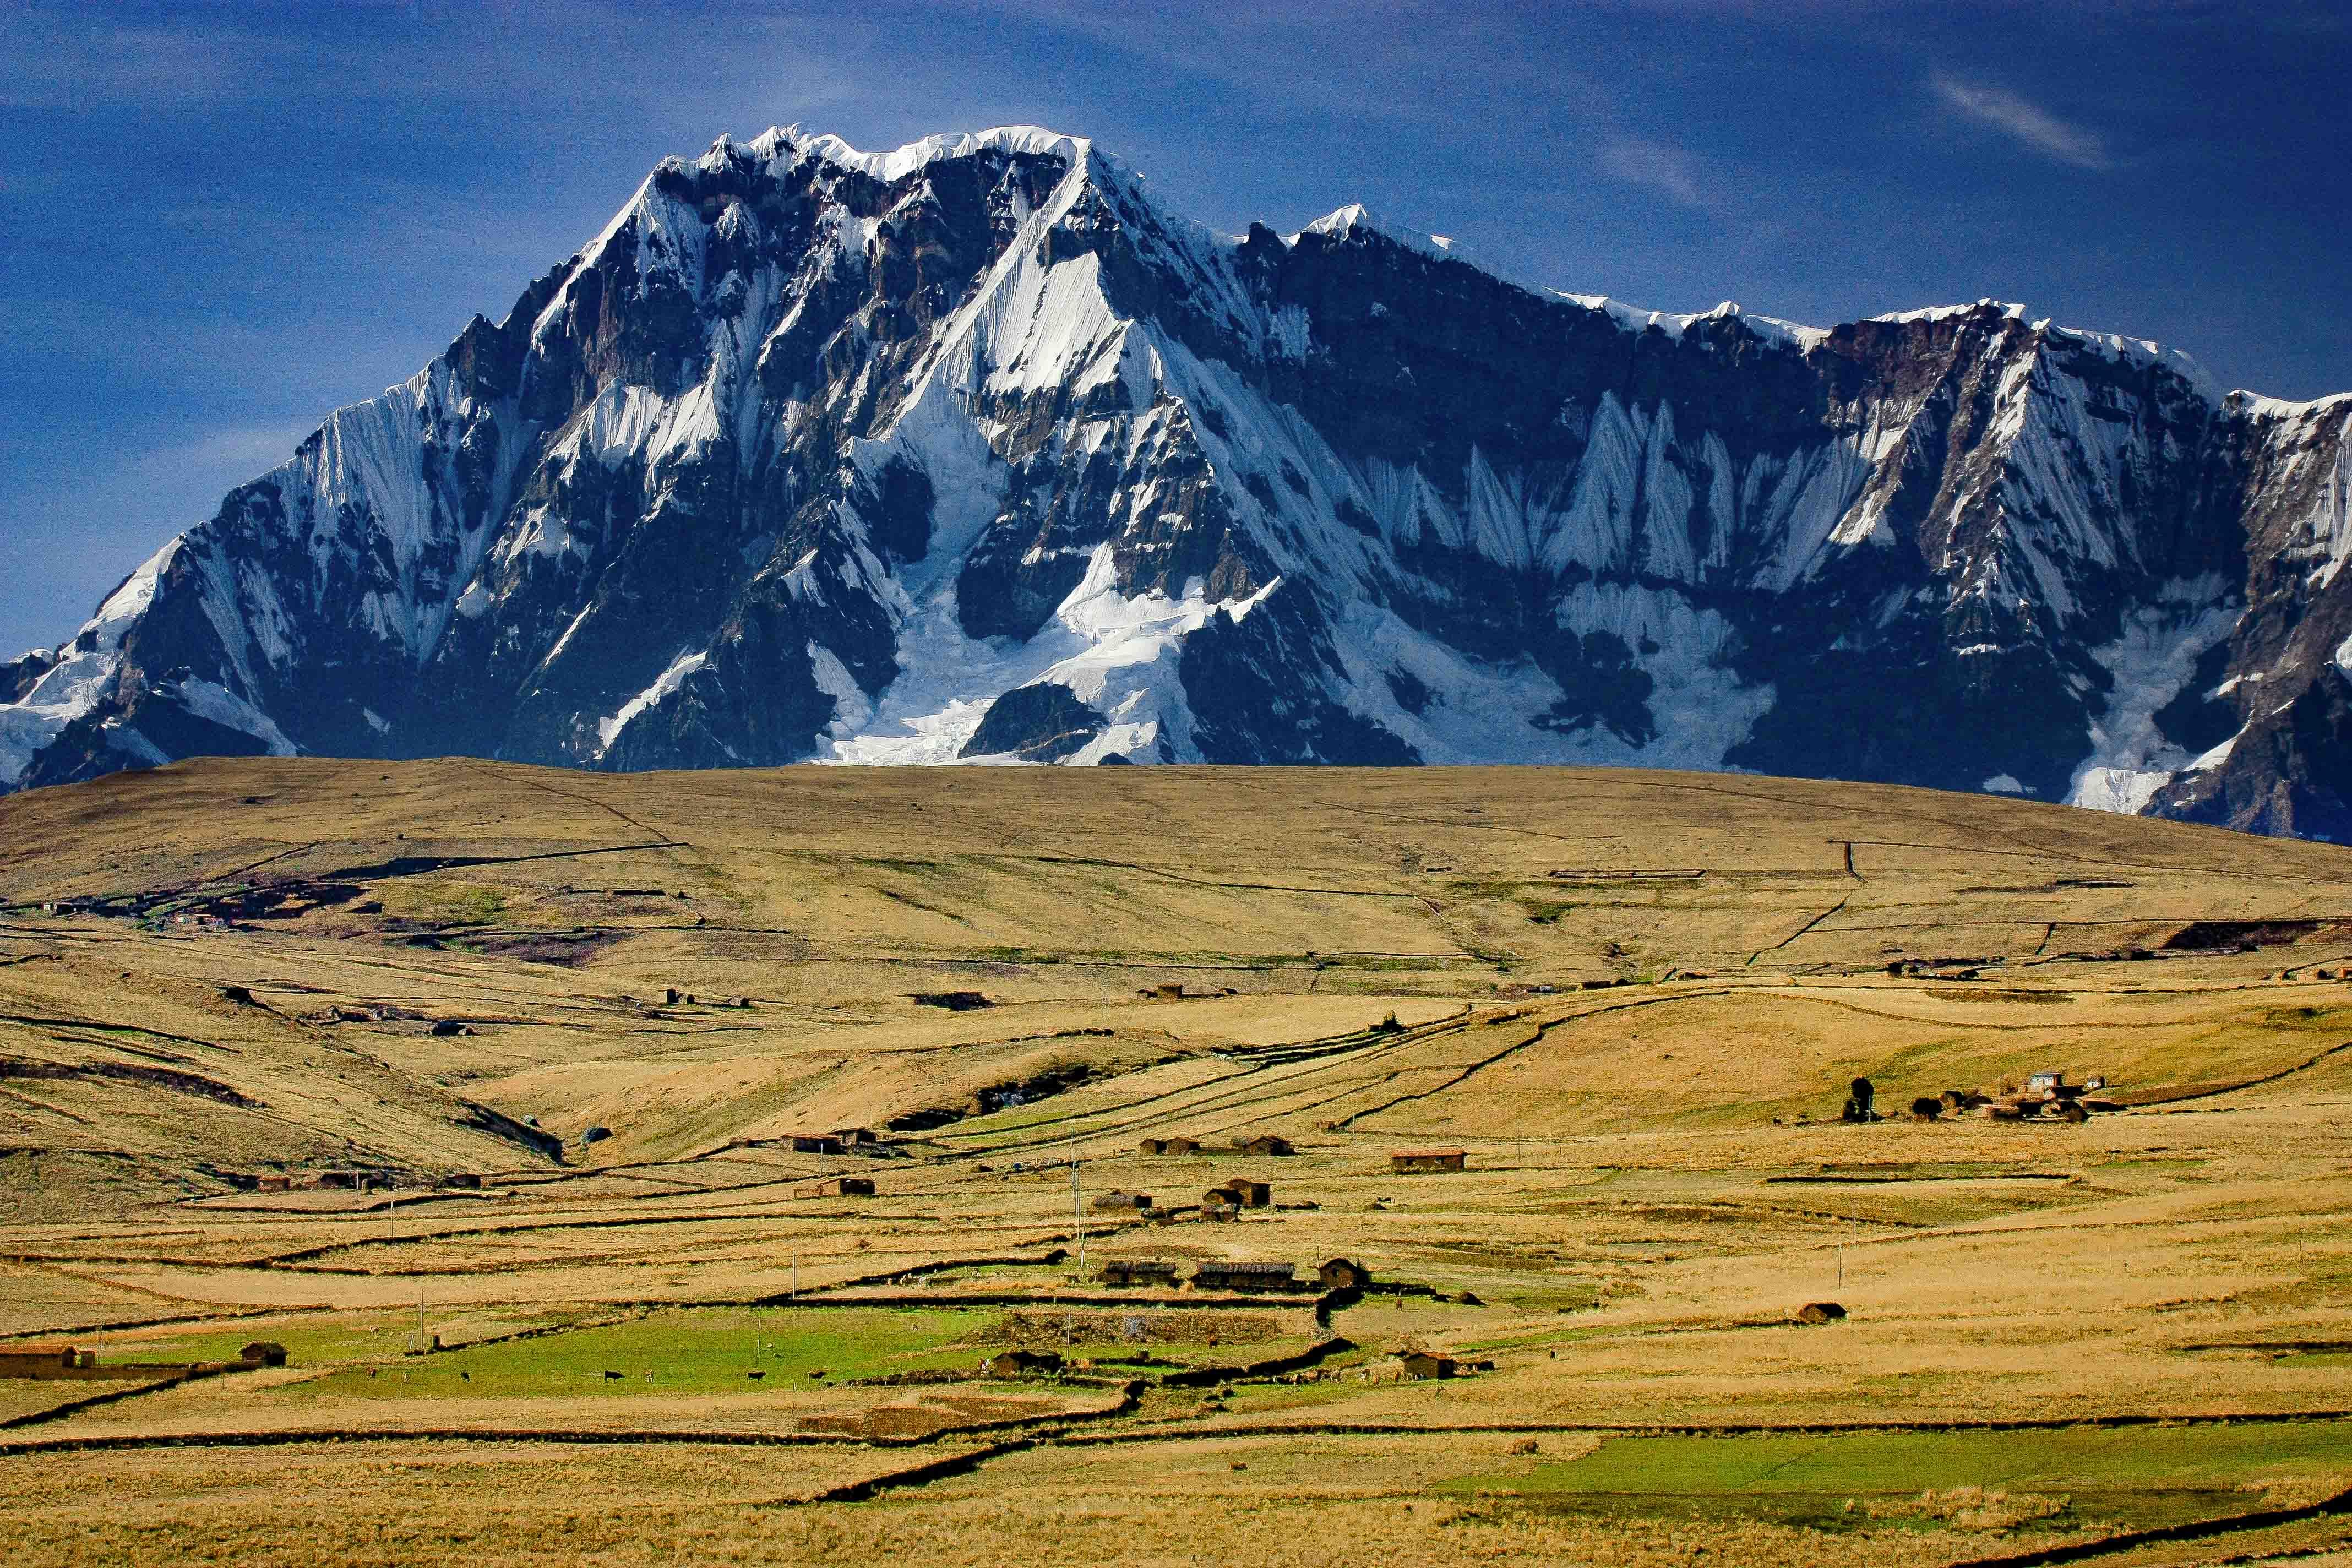 山麓に生きる集落と大草原の彼方に聳えるビルカノータ山群の主峰アウサンガテ(6,394m)